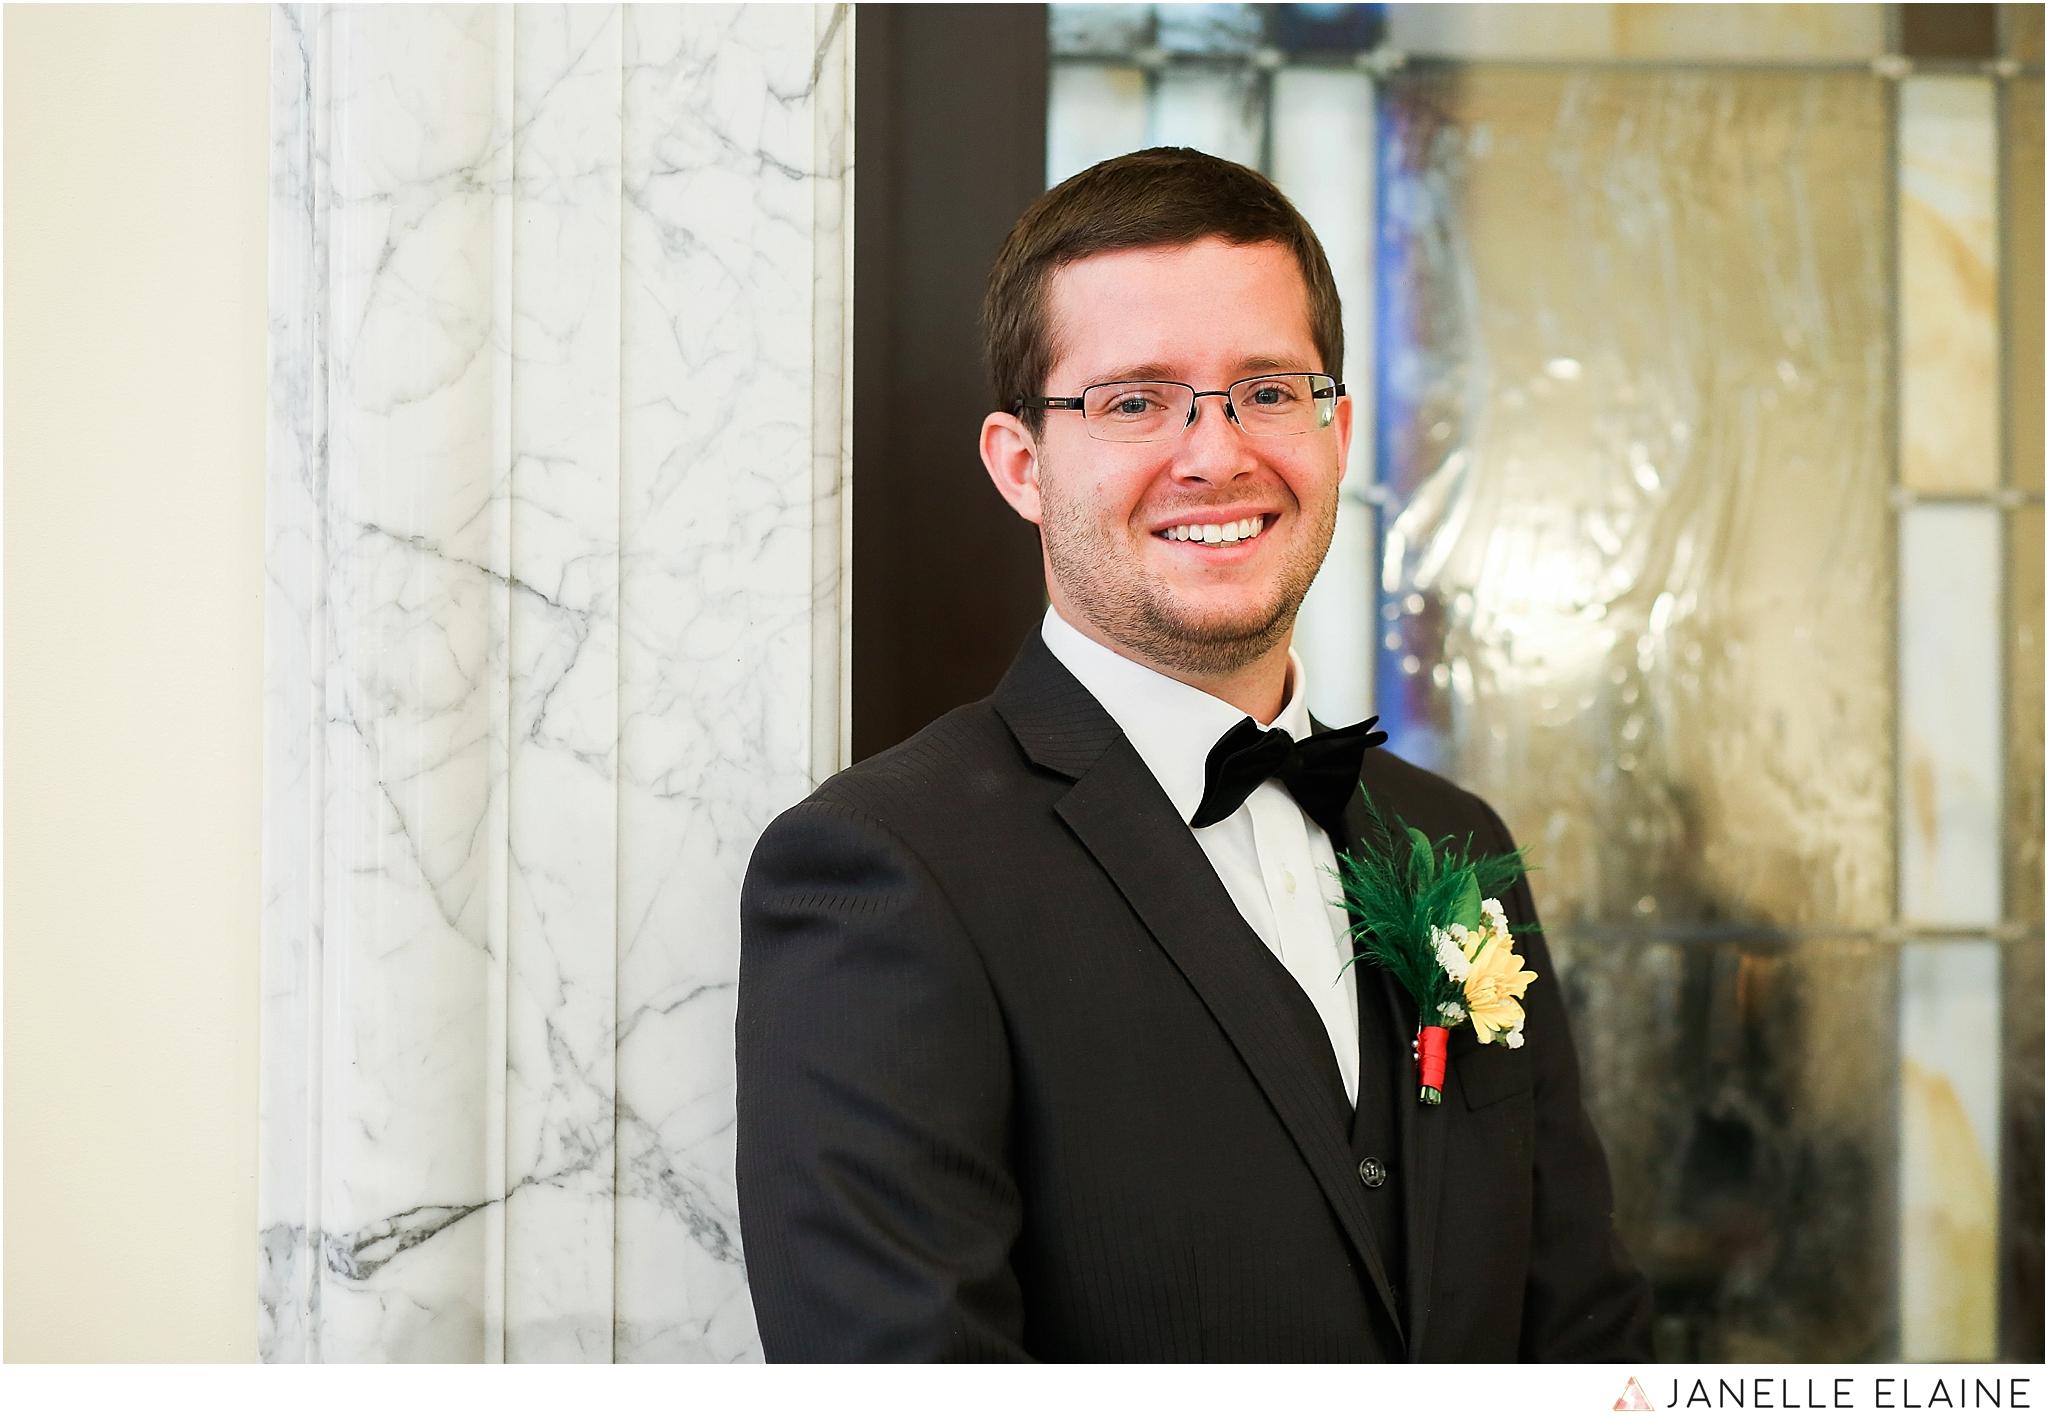 janelle elaine photography-professional wedding photographer seattle--21.jpg